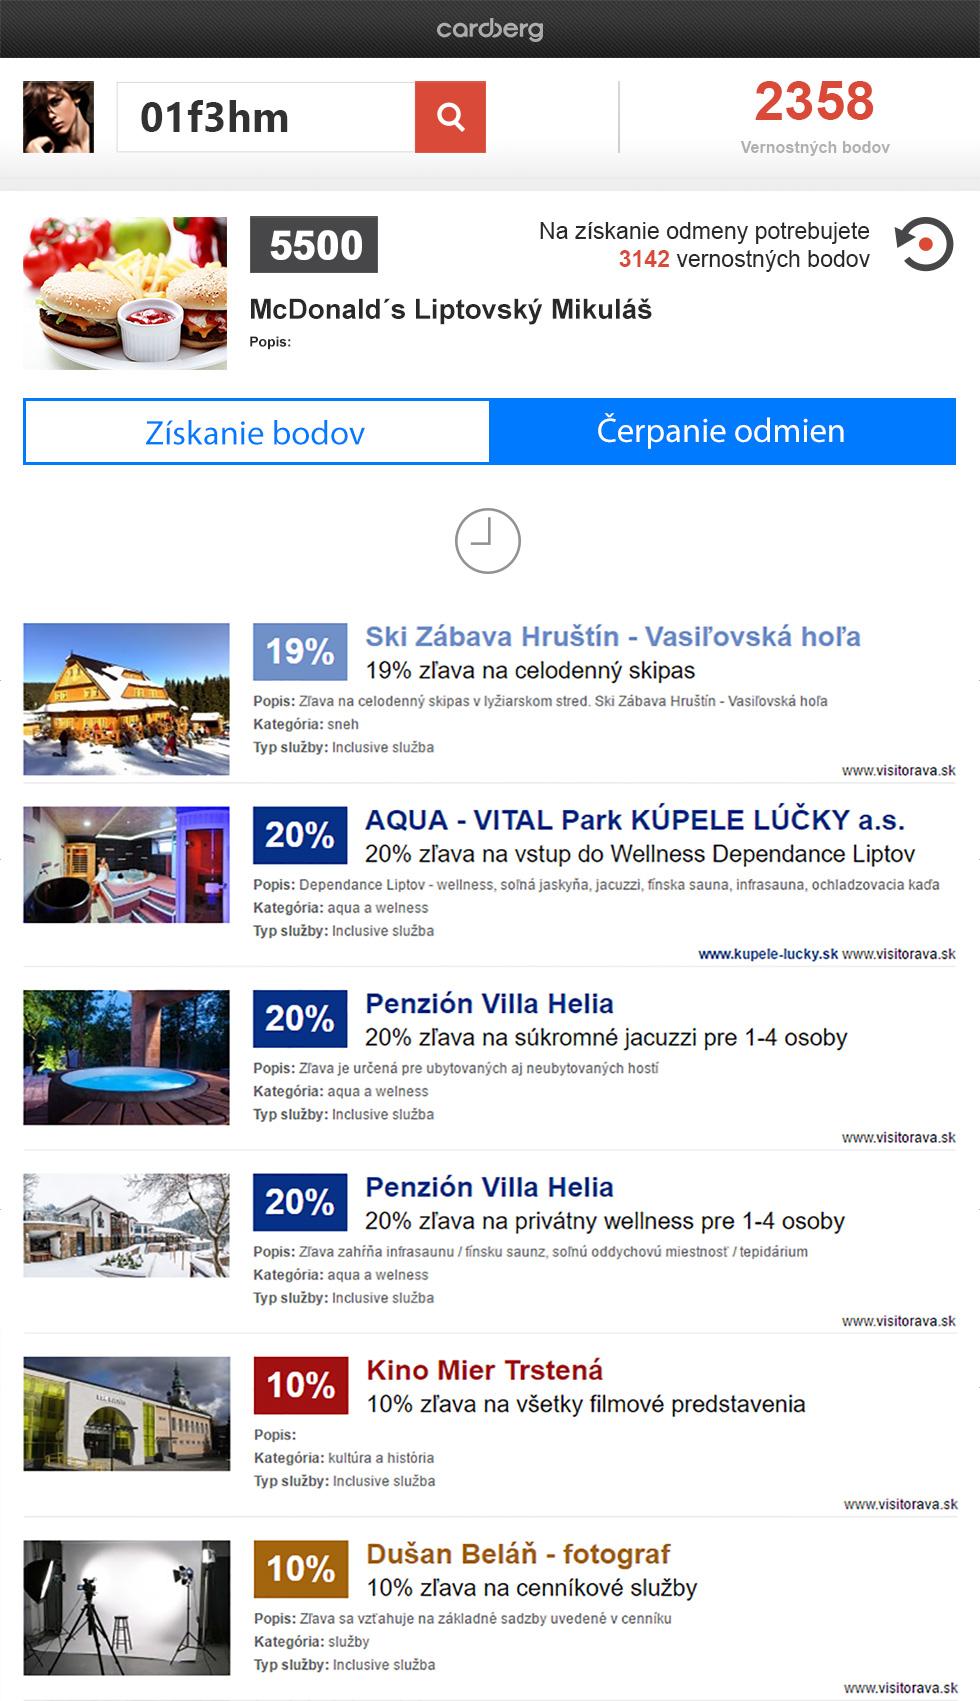 Die Daten über Nachlässe können auf beliebige Webseite exportiert werden. Alle aktuellen Rabatte, die der Gast nutzen kann, sind im Export angezeigt.